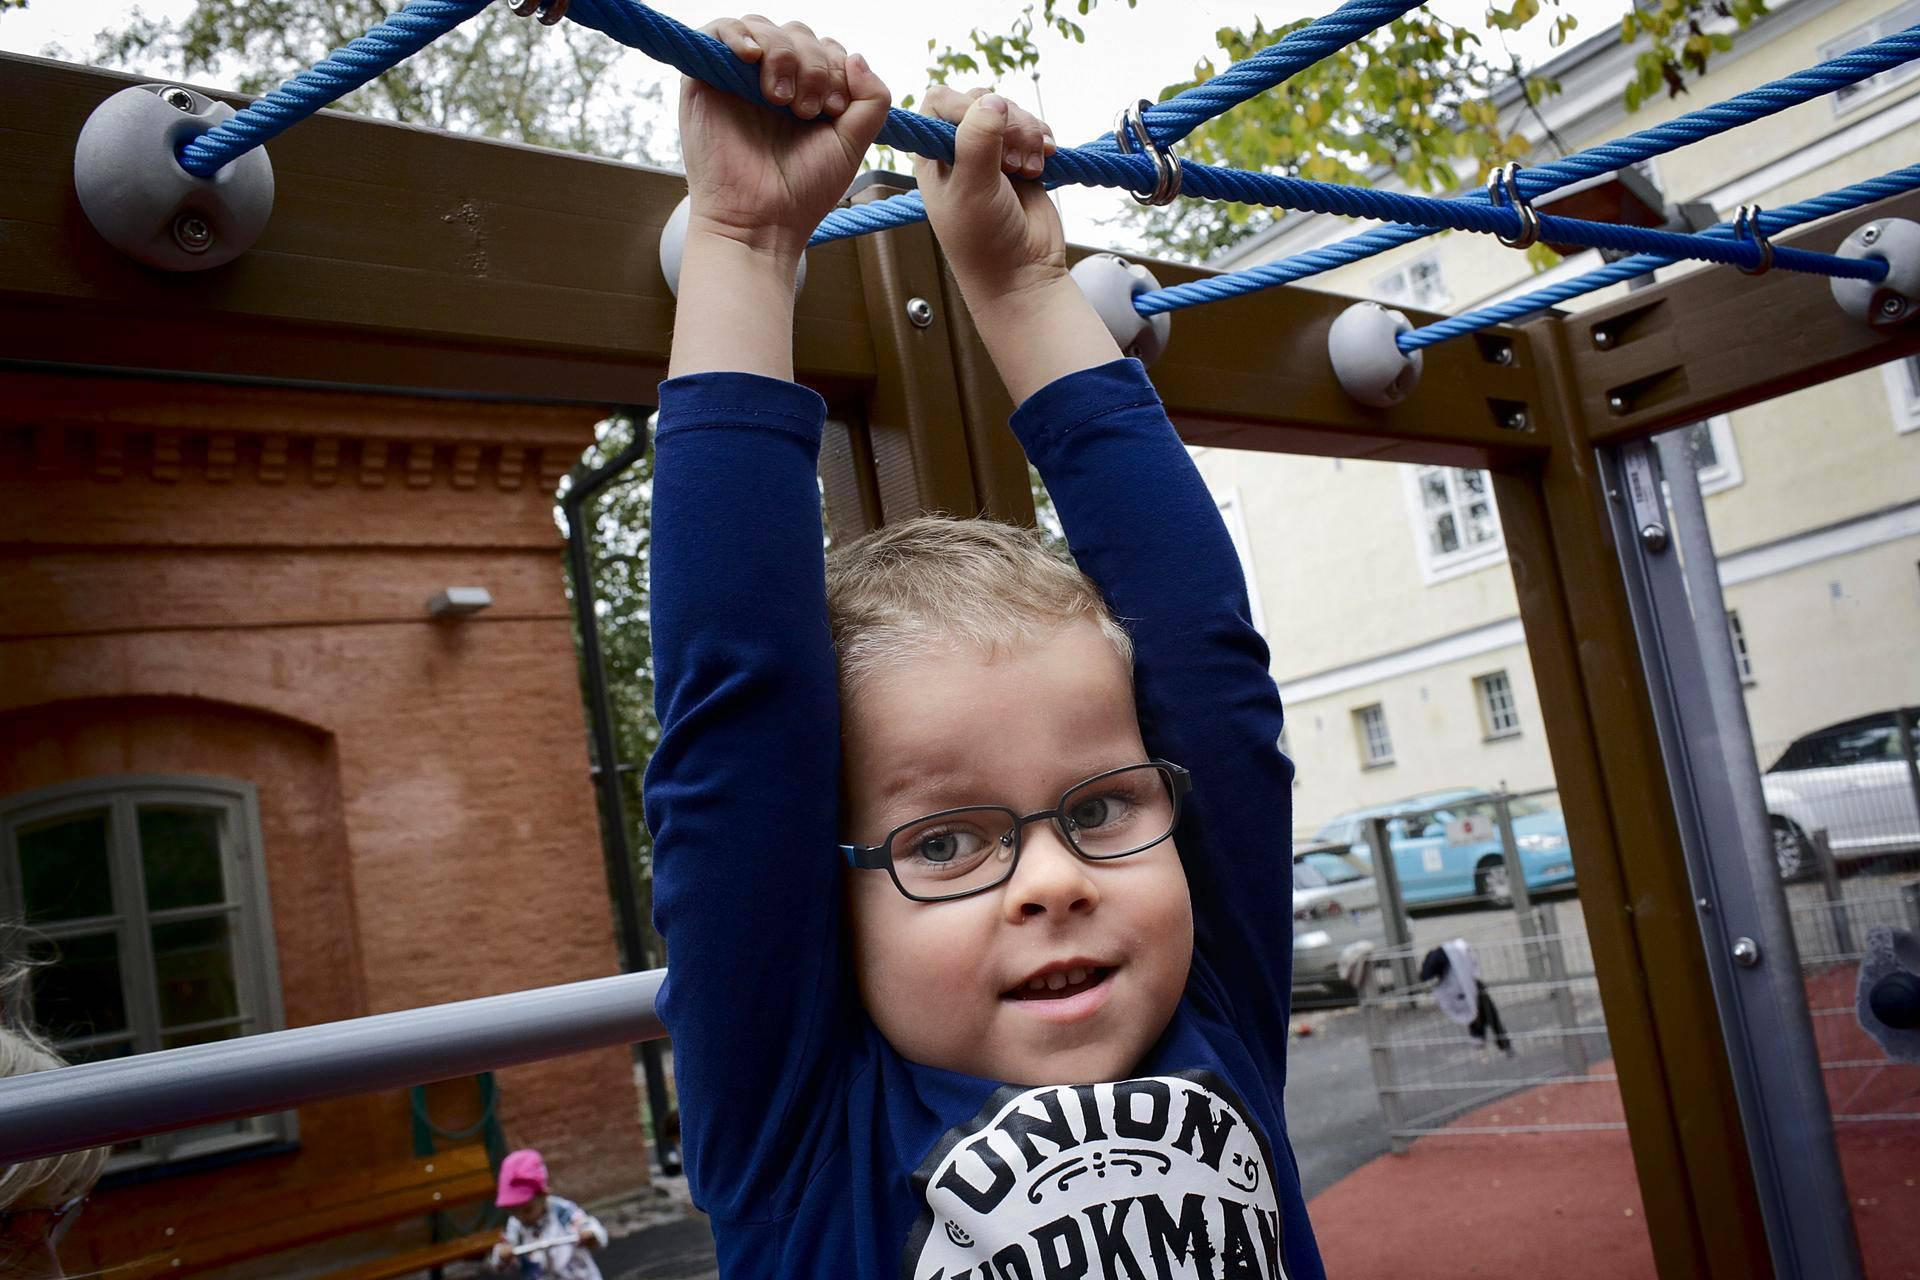 Peetu Päivärinta roikkui kiipeilytelineessä päiväkoti Aleksin pihalla Helsingissä keskiviikkona. Peetulle mieluista liikuntaa on muun muassa juokseminen.